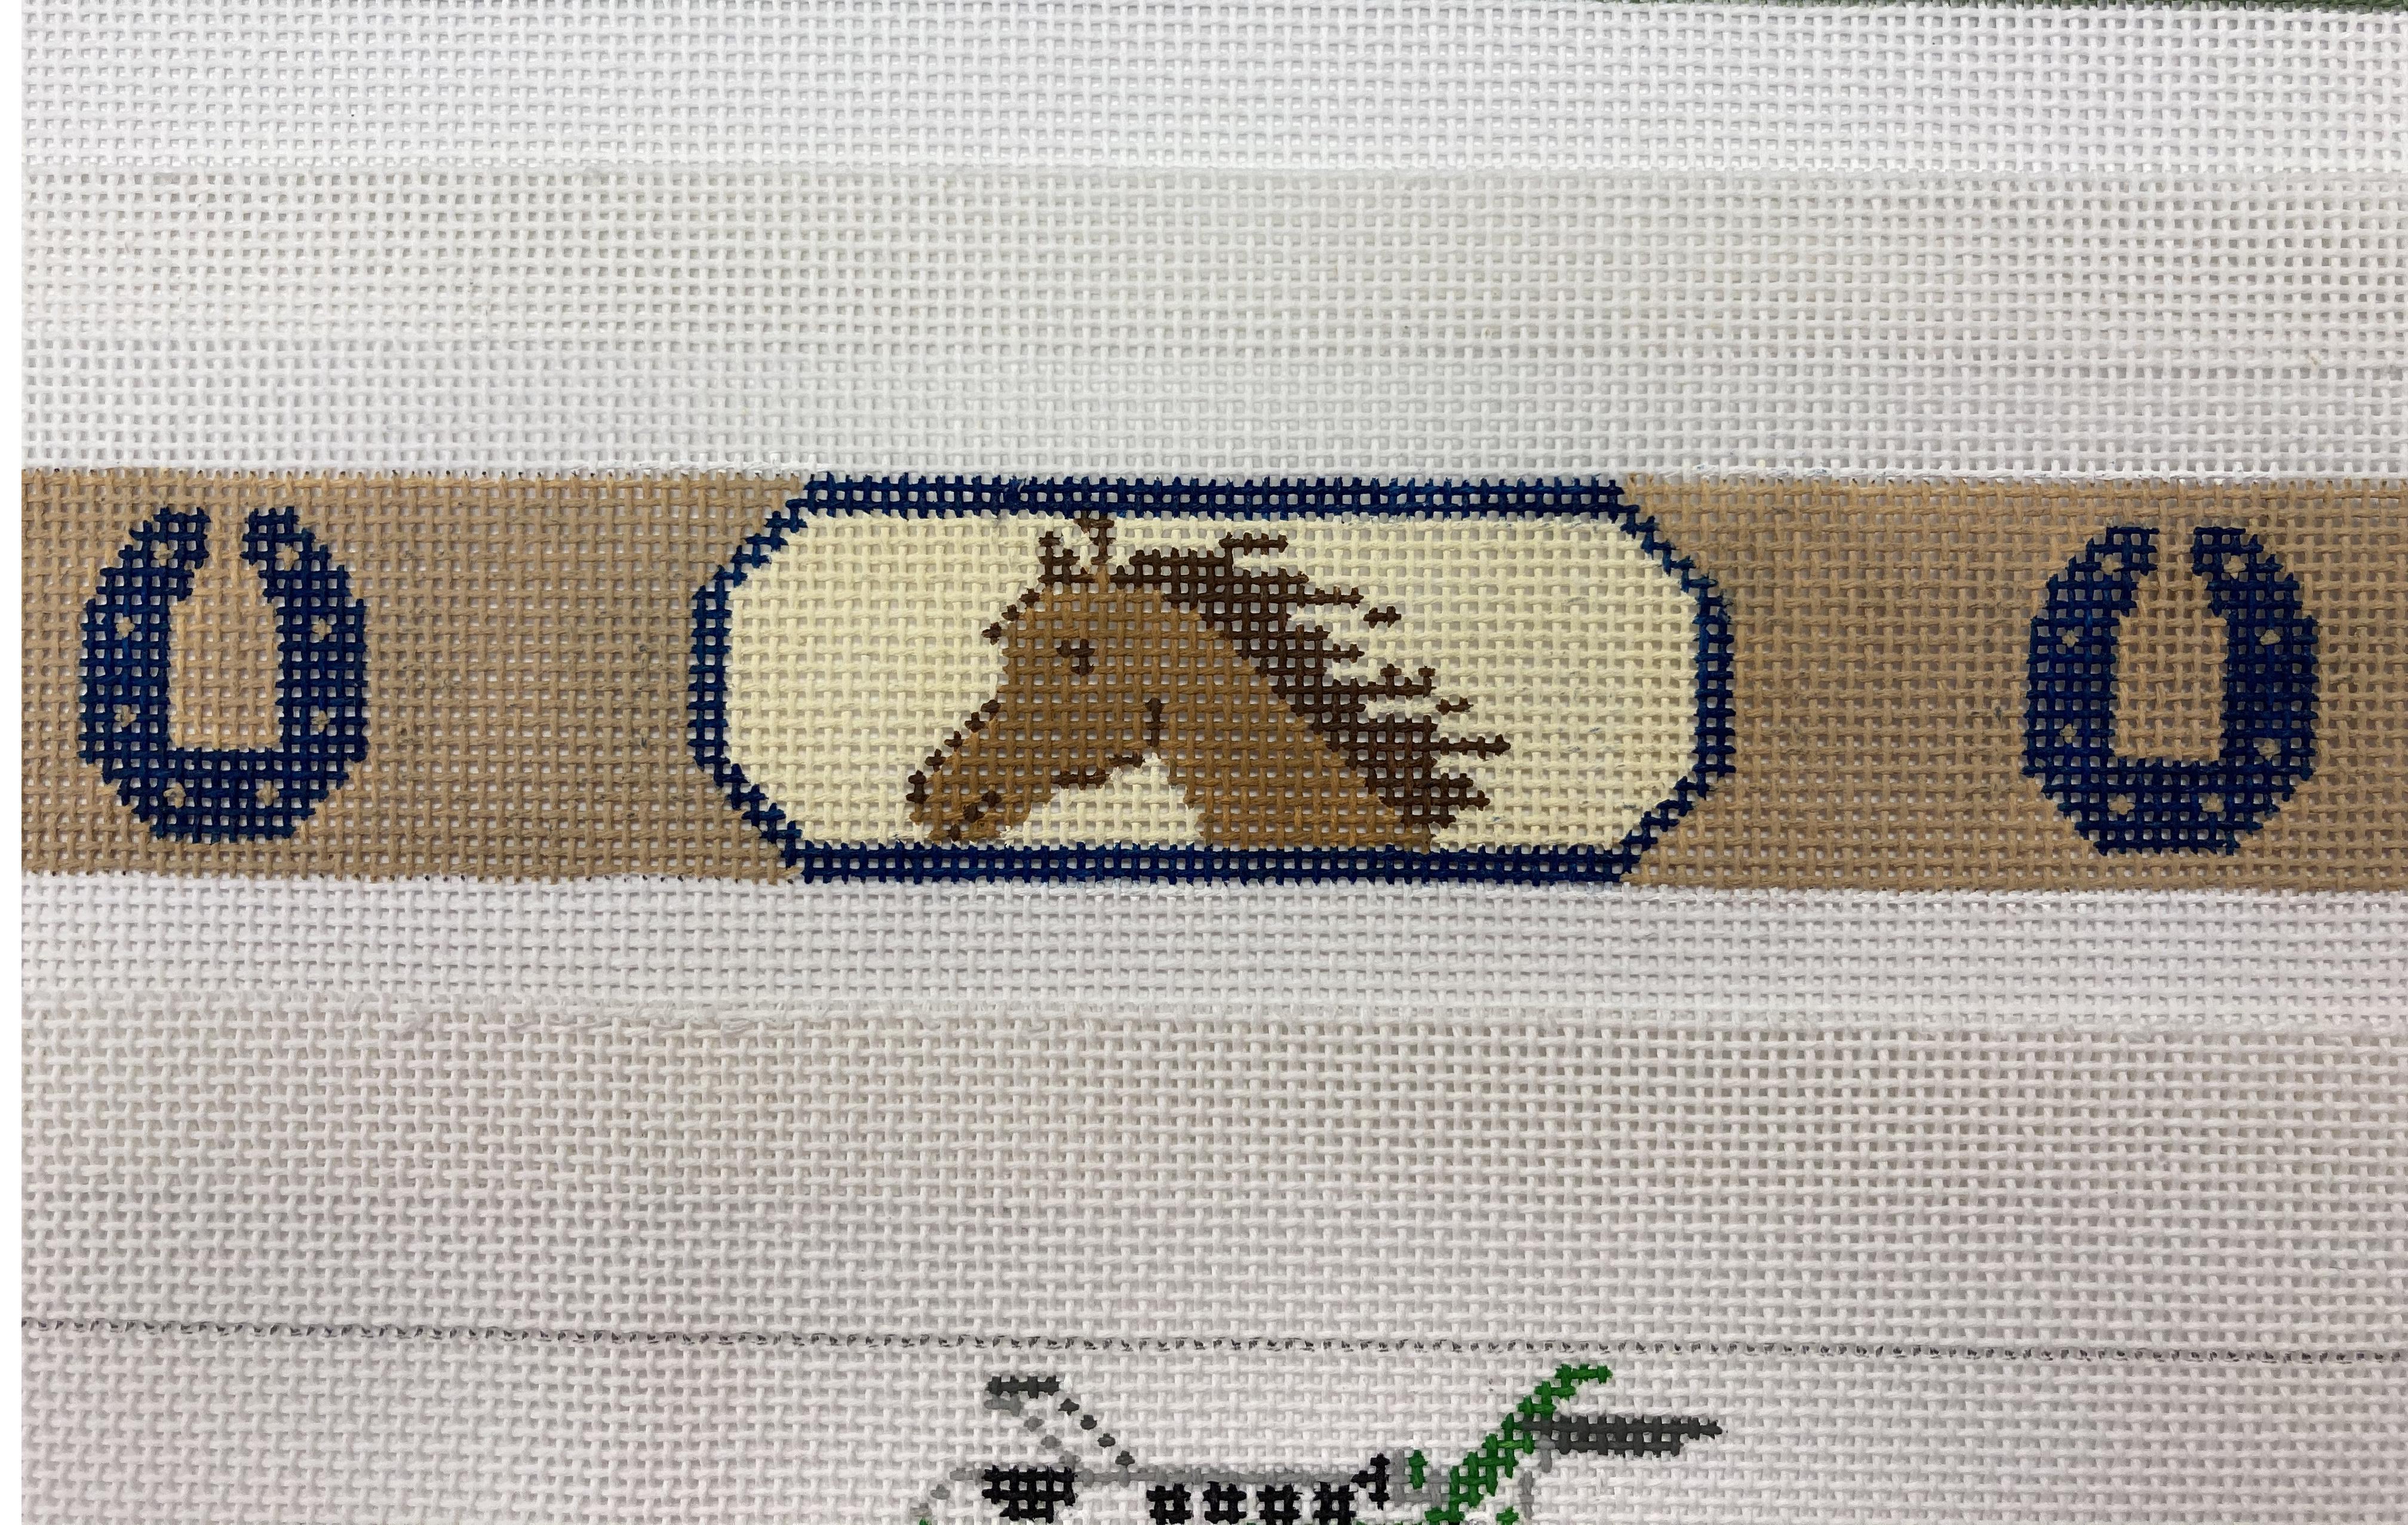 Horses with HorseShoes